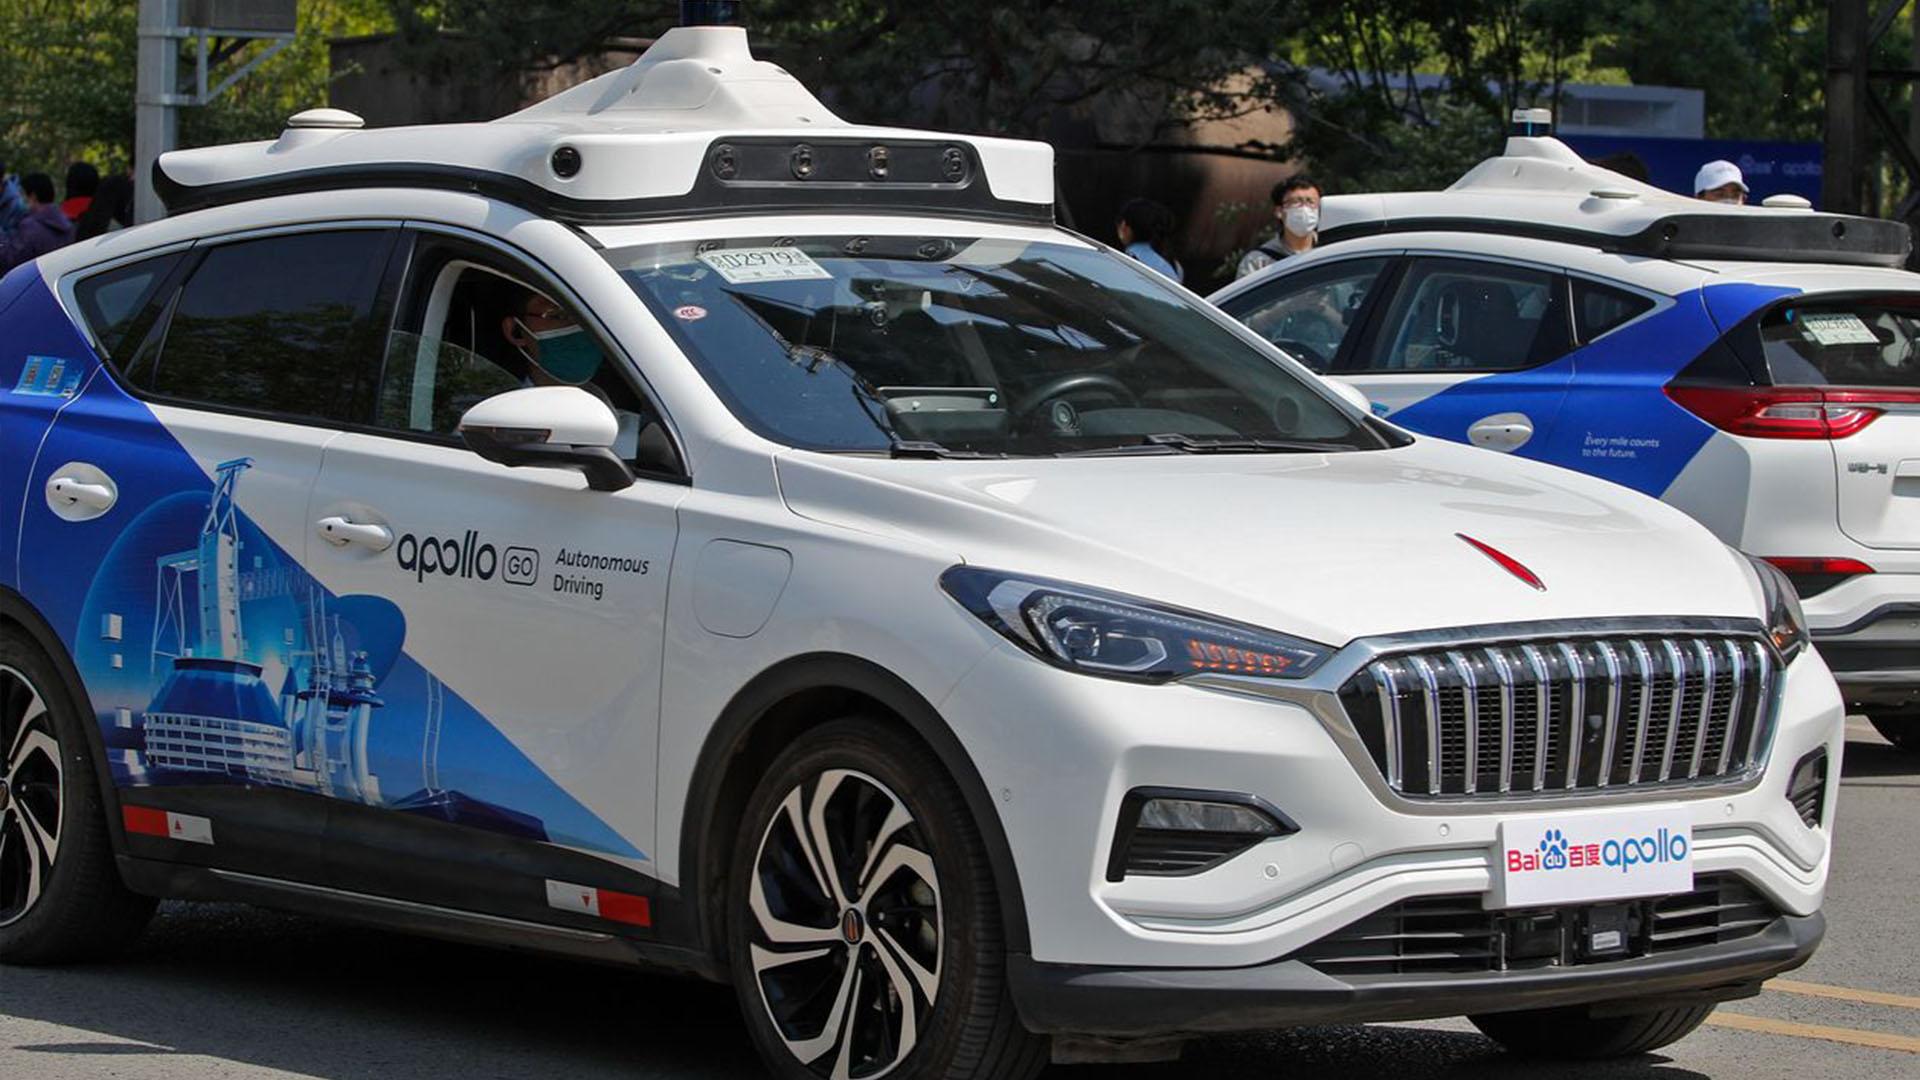 Baidu запускает беспилотное такси в Пекине